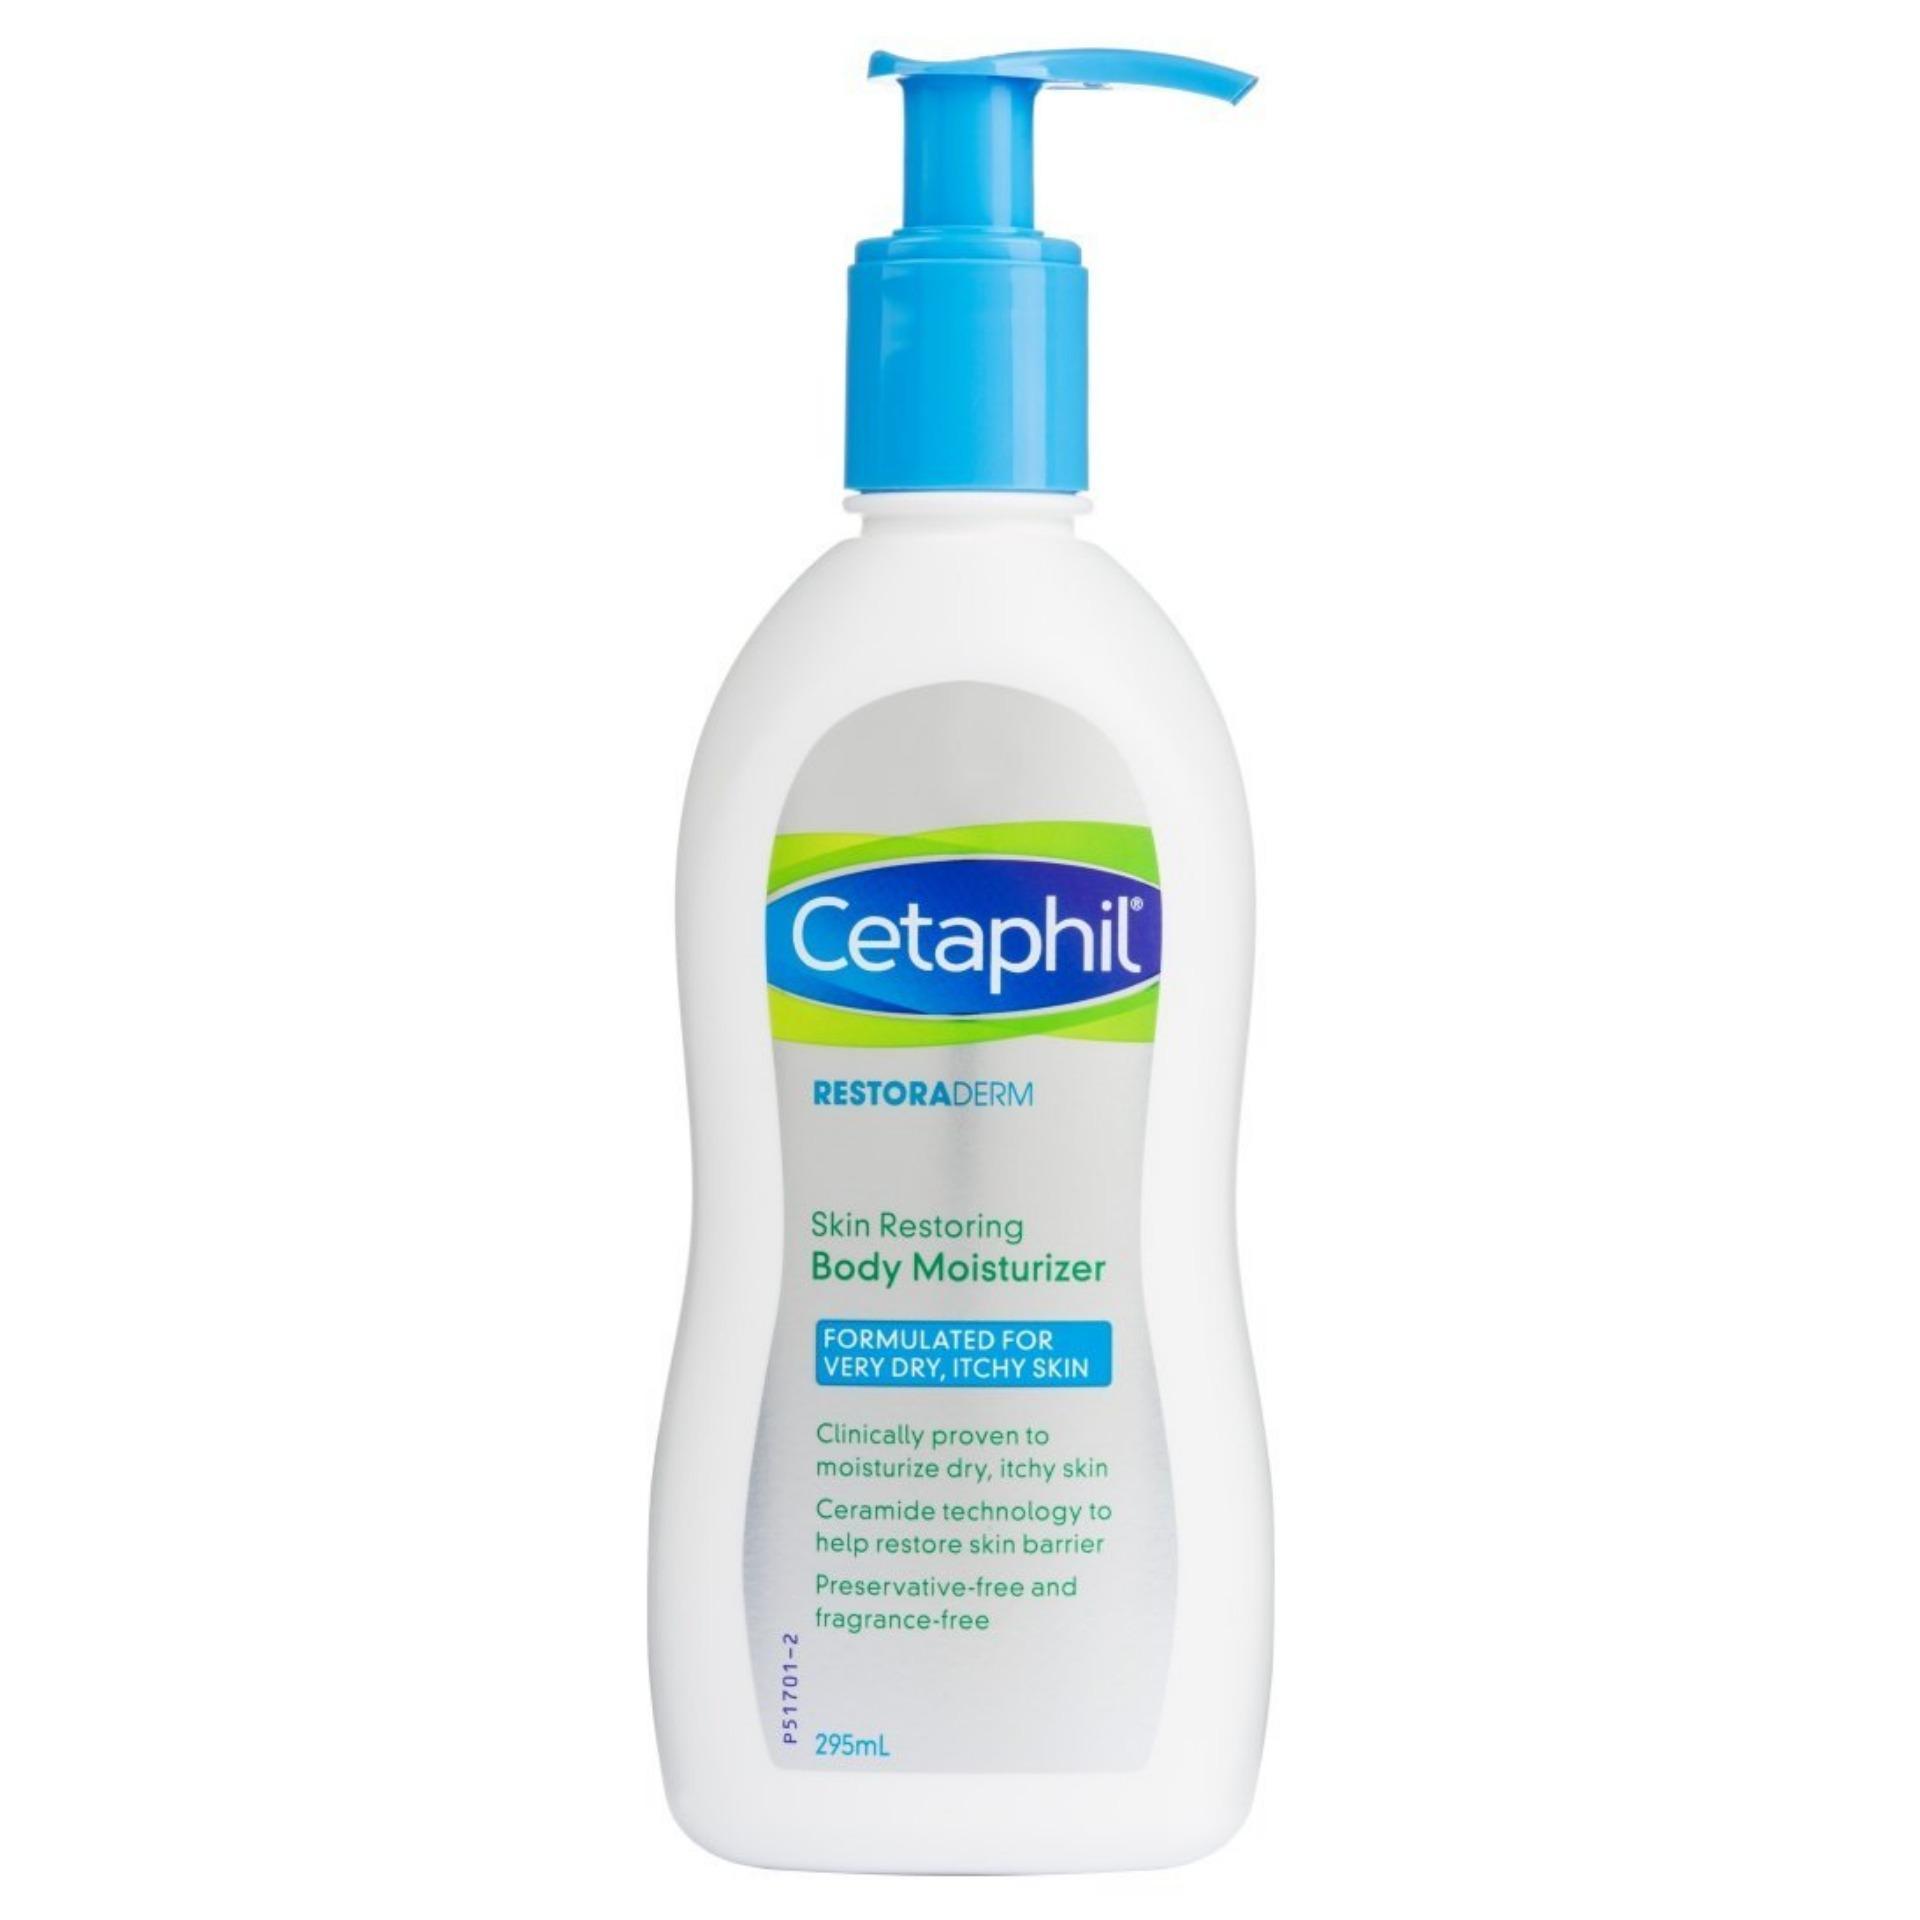 Sữa dưỡng ẩm toàn thân dành cho da khô, ngứa - Restoraderm Skin Restoring Body Moisturizer - 295ml - Cetaphil